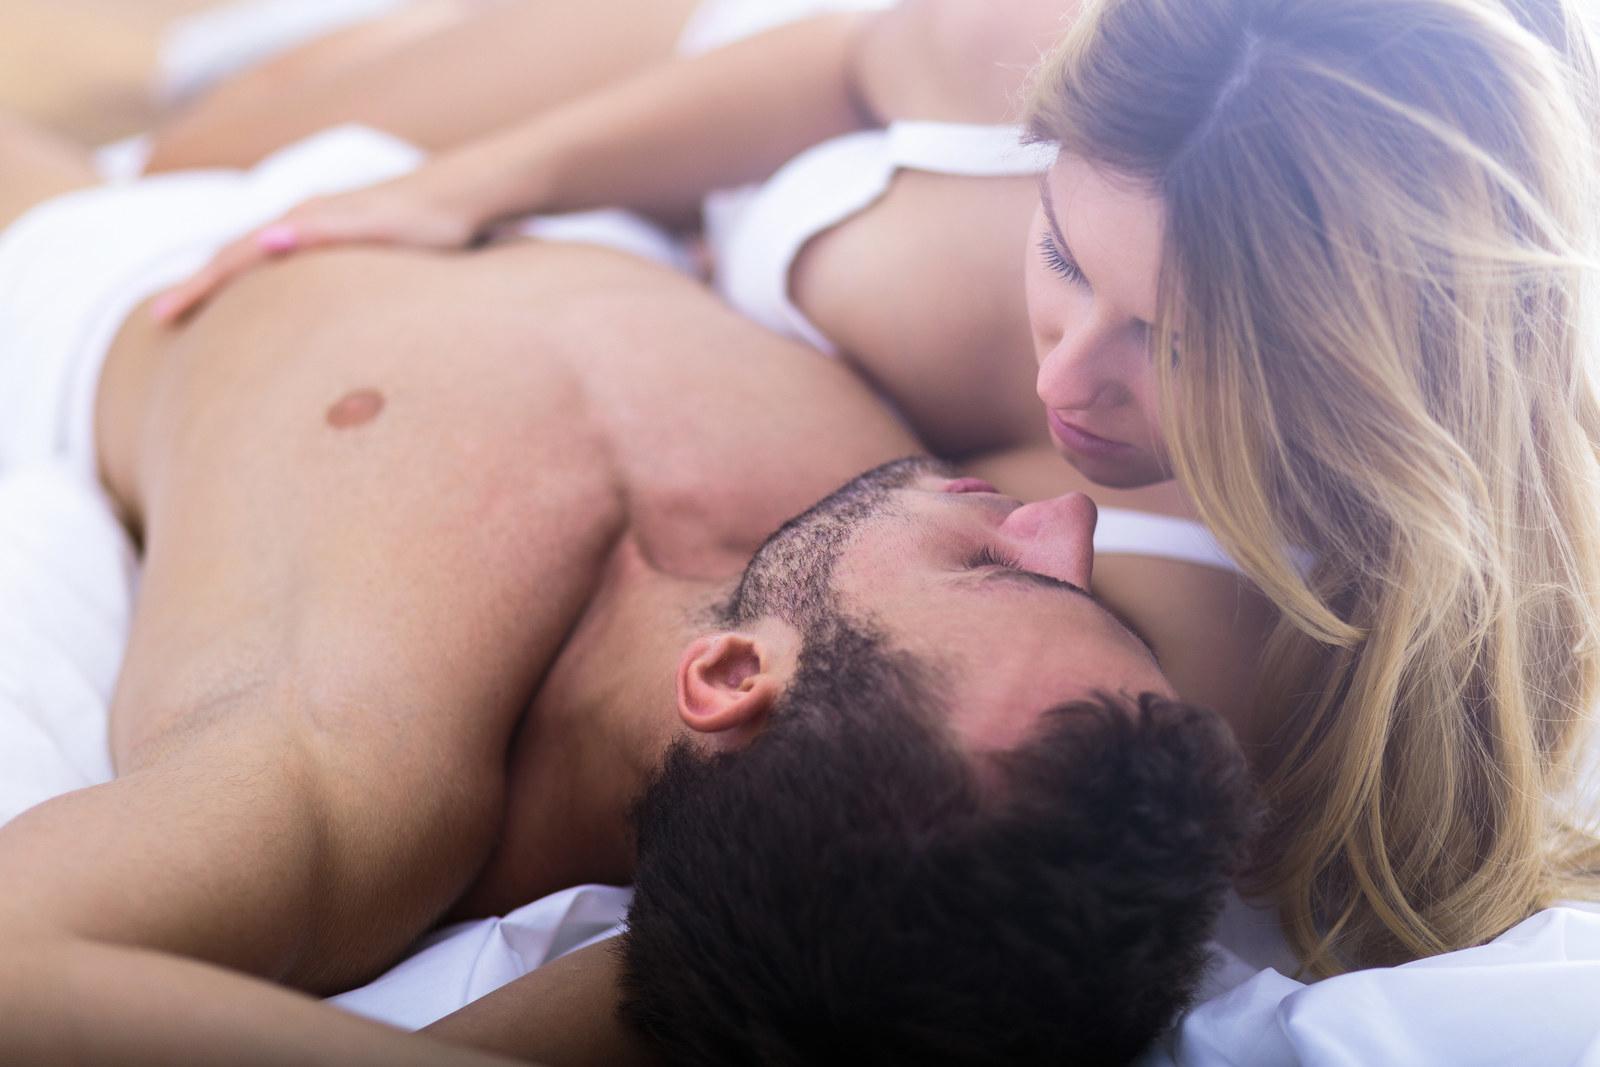 Секс интим фото рассказы, Порно рассказы читать эротику Amateur Girls 18 17 фотография